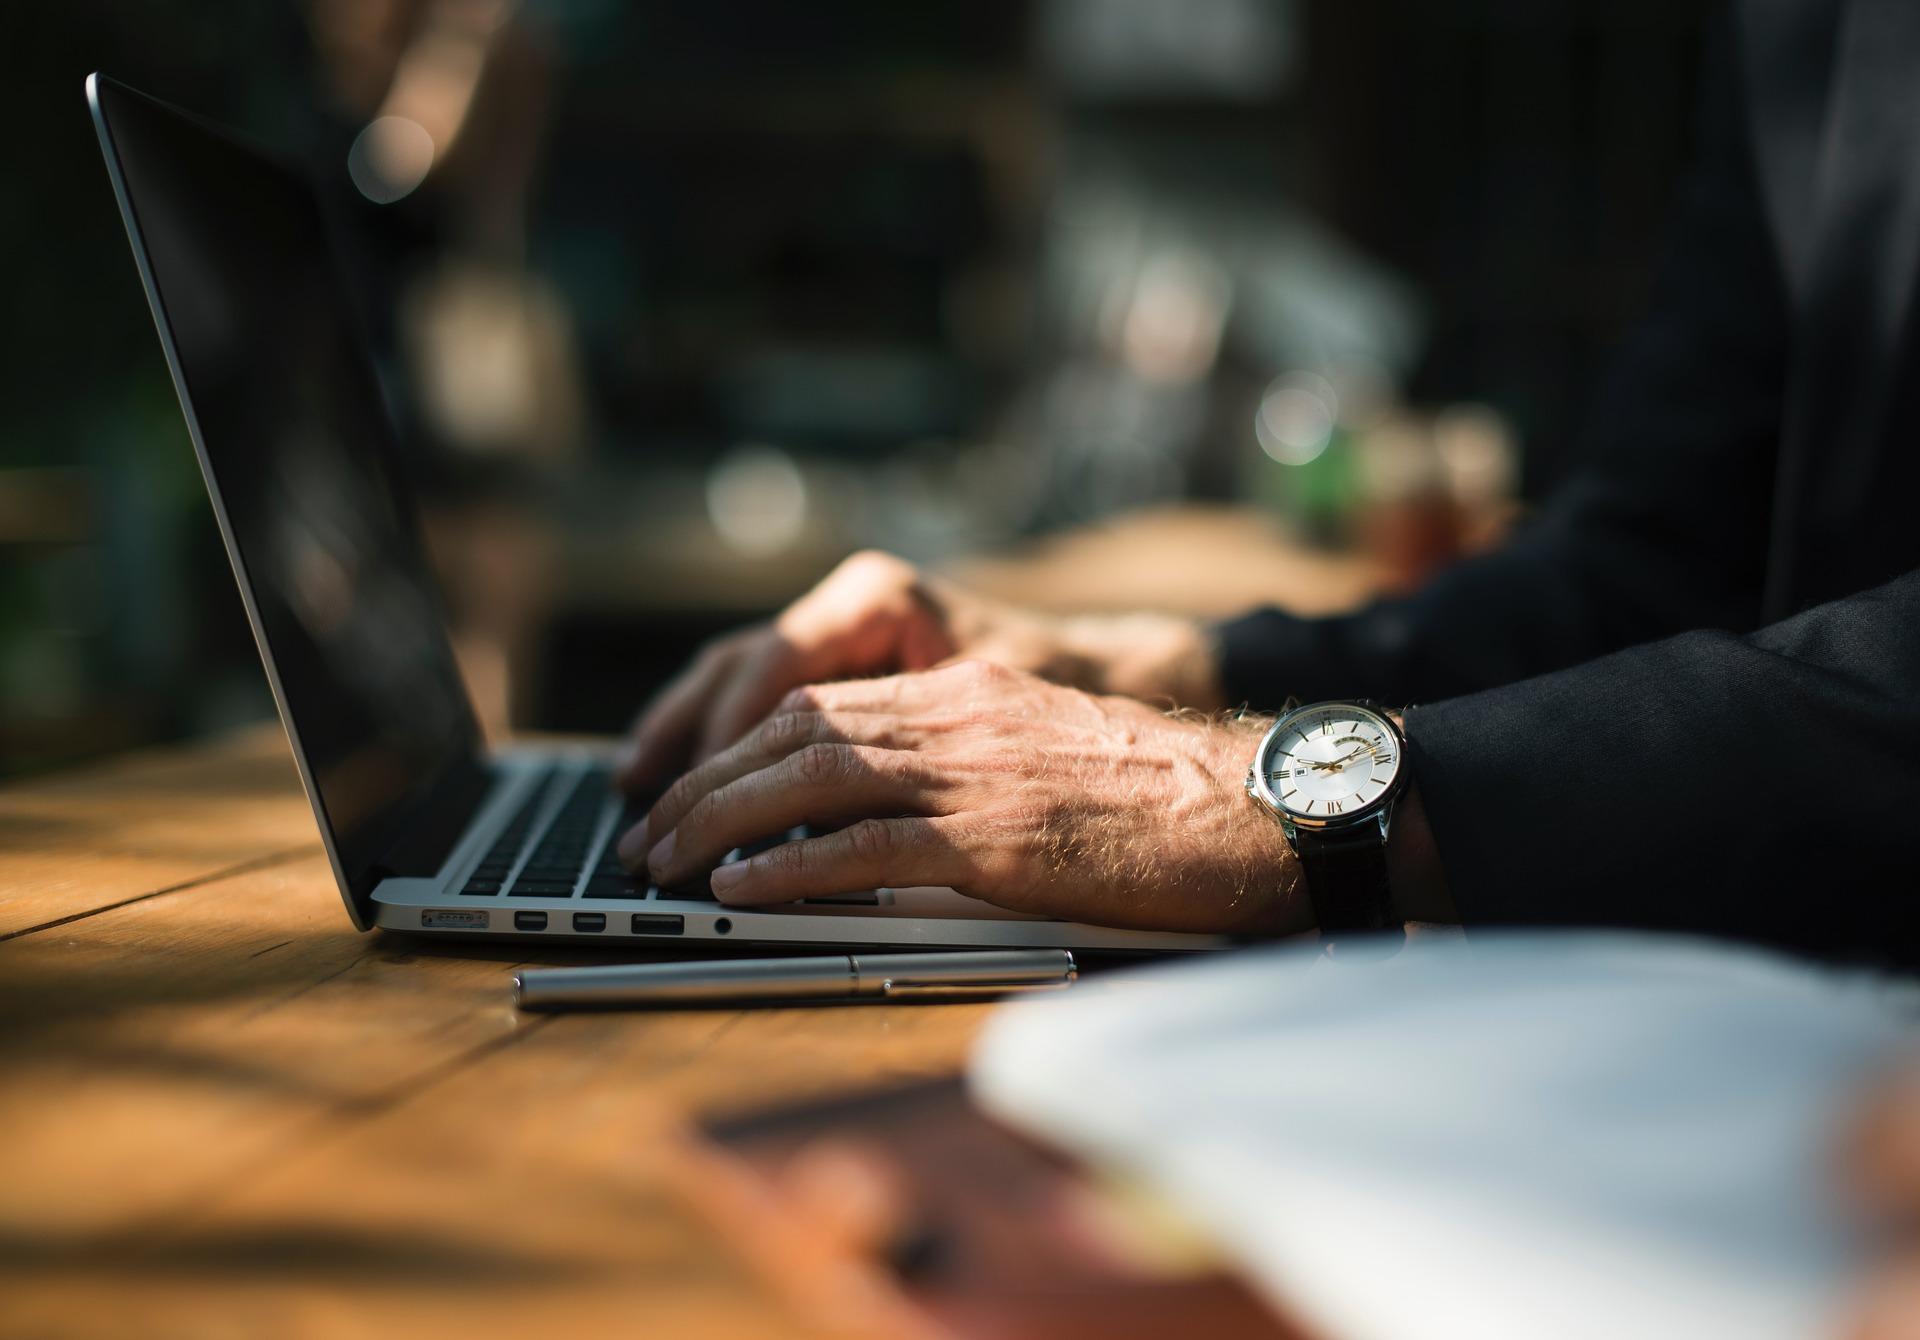 online seller insurance